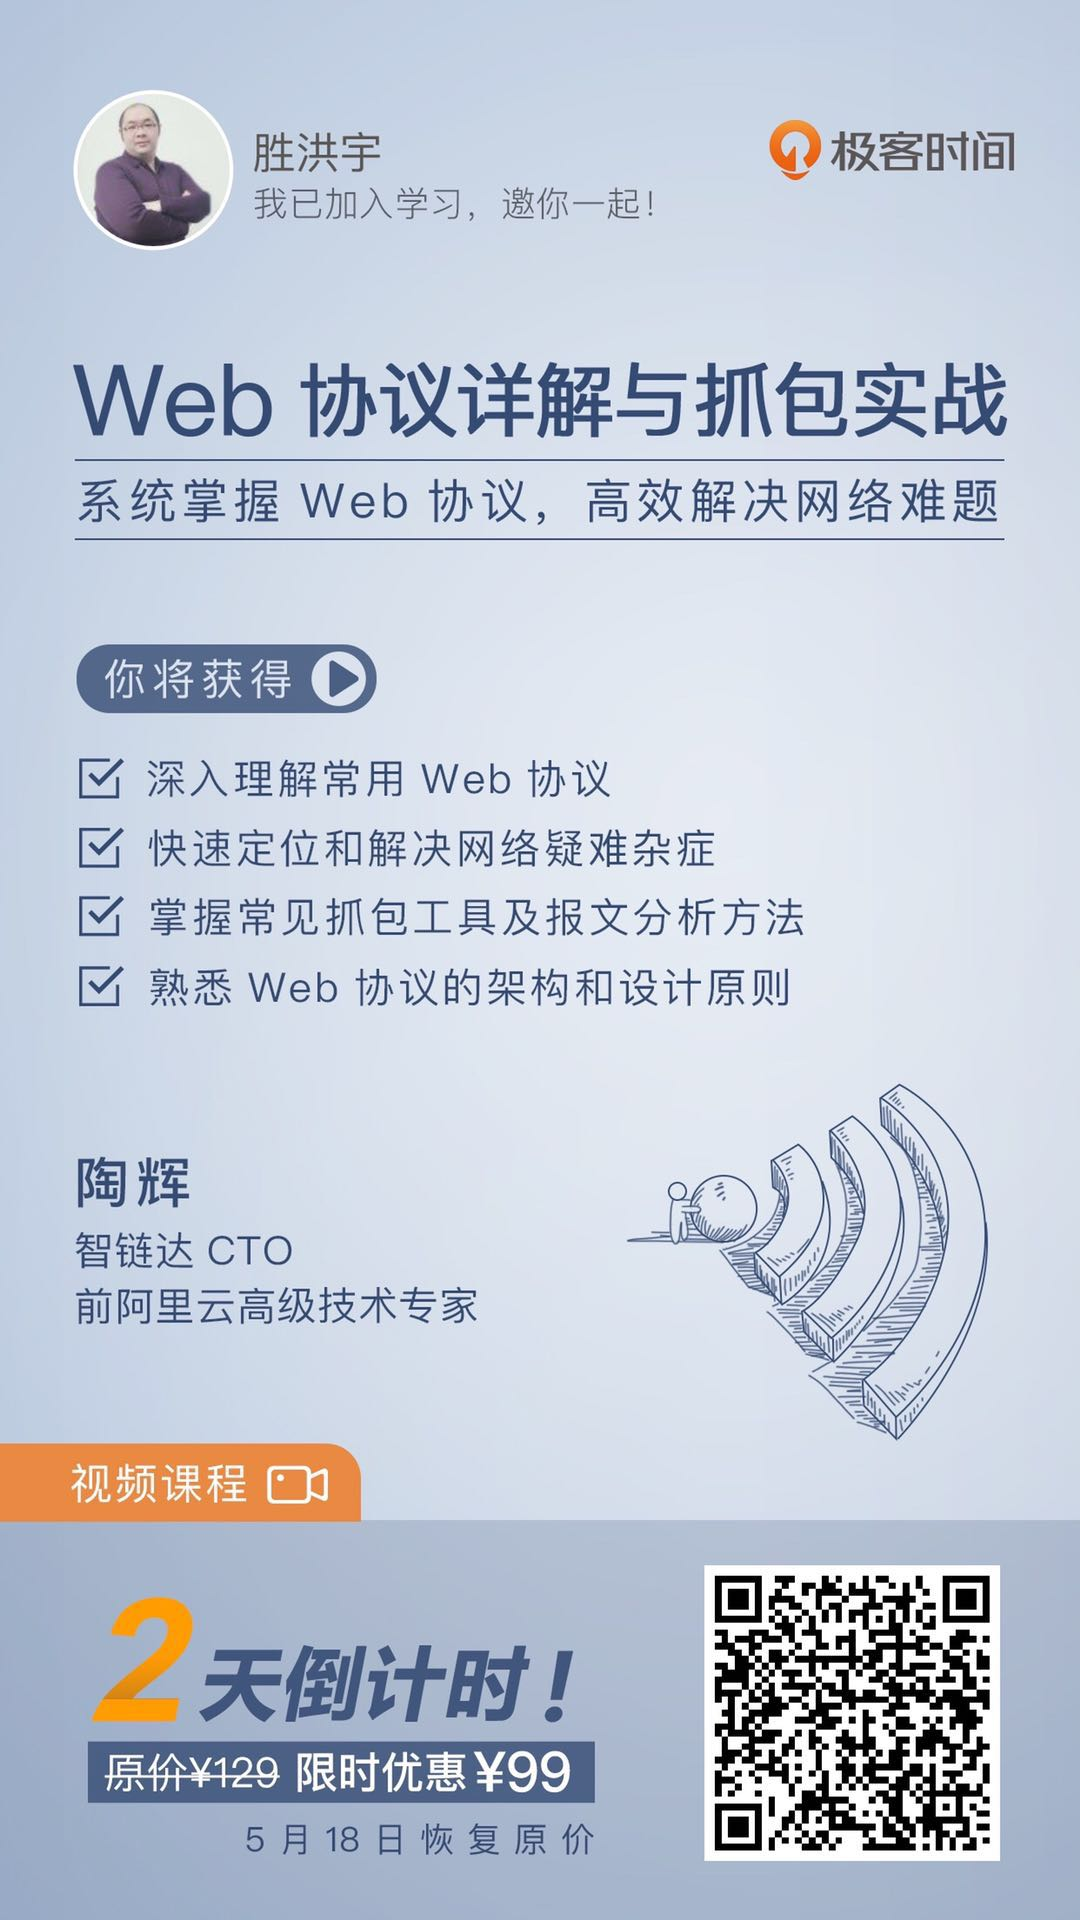 web协议详解与抓包实战